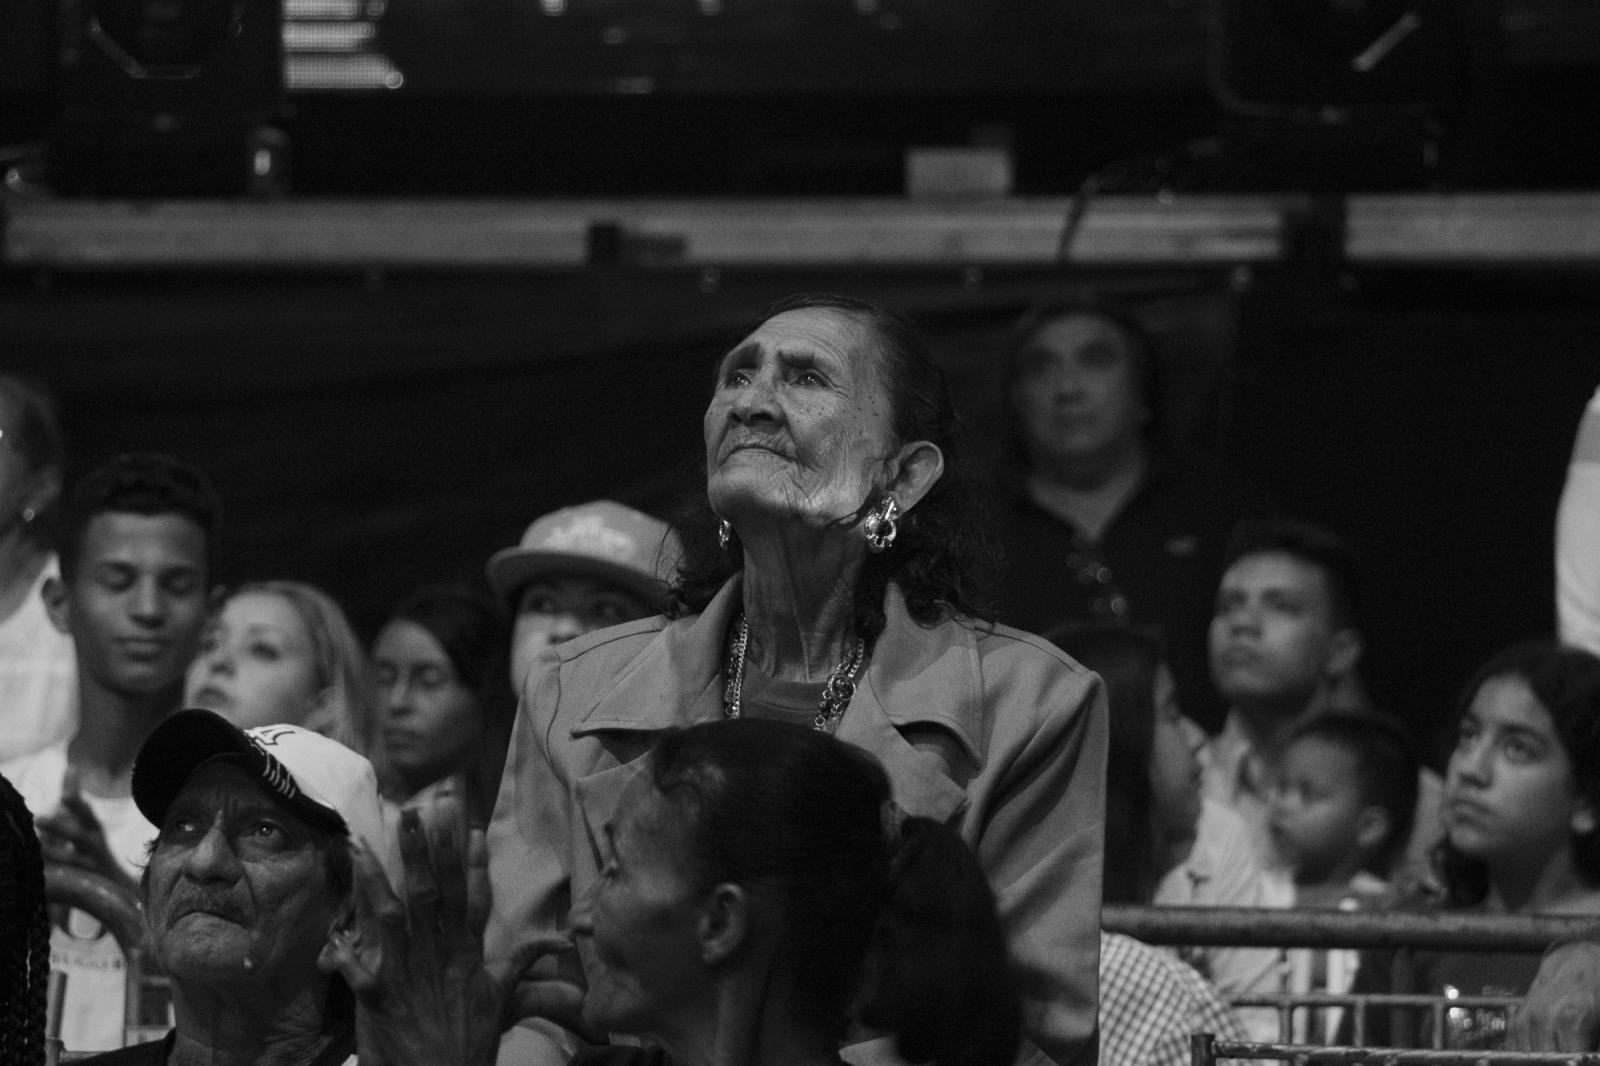 """La madre de Mayerlin """"La monita"""" Rivas, la observa desde las tribunas. 18.06.2016, Maiquetía, Venezuela."""